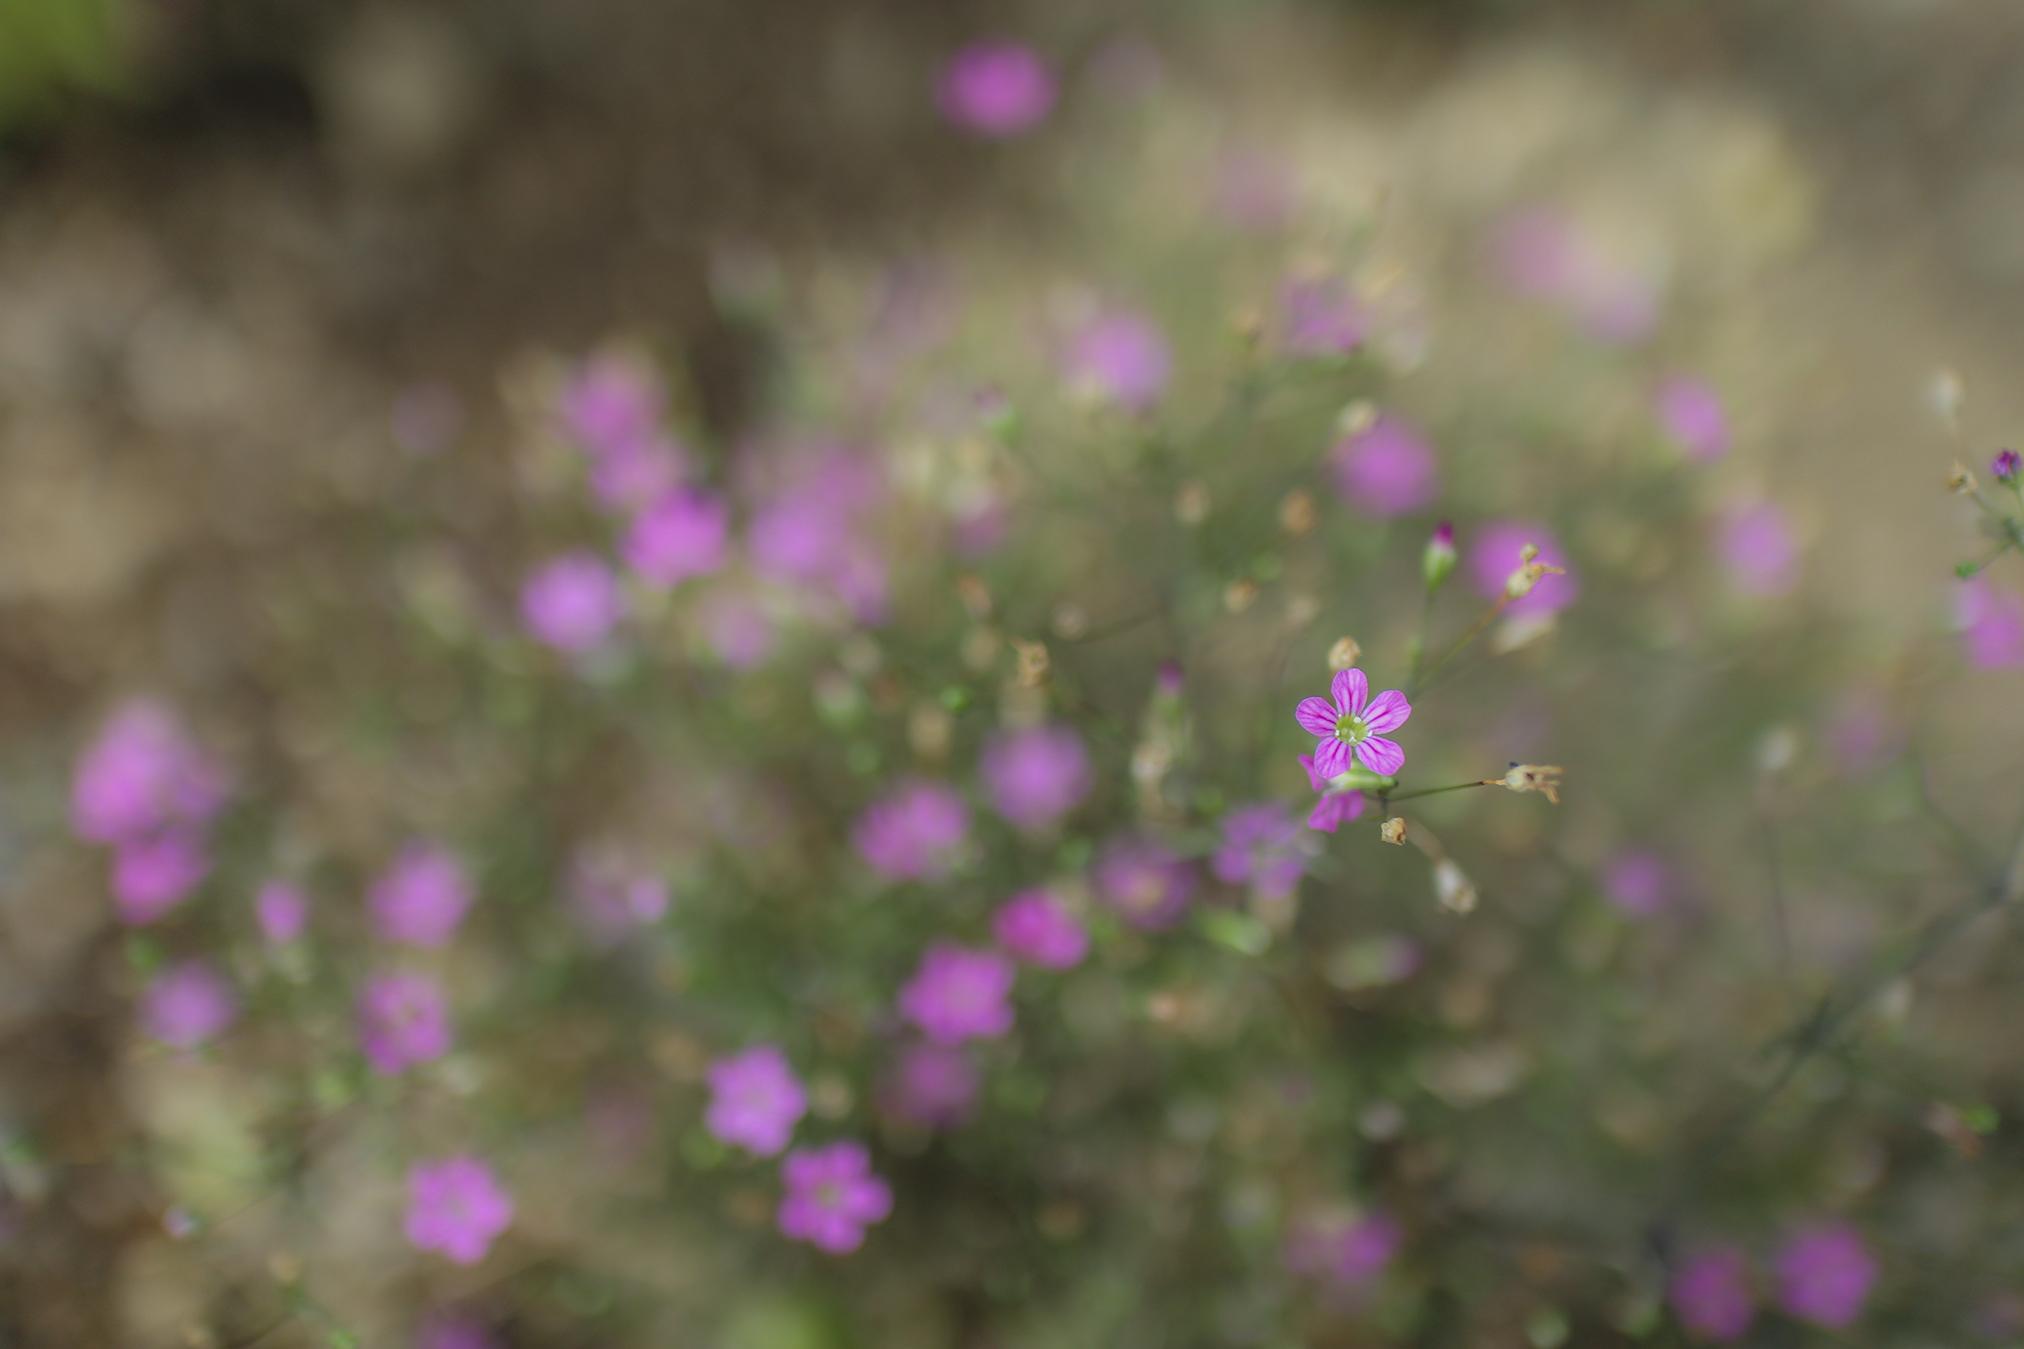 松本市の花いっぱい運動